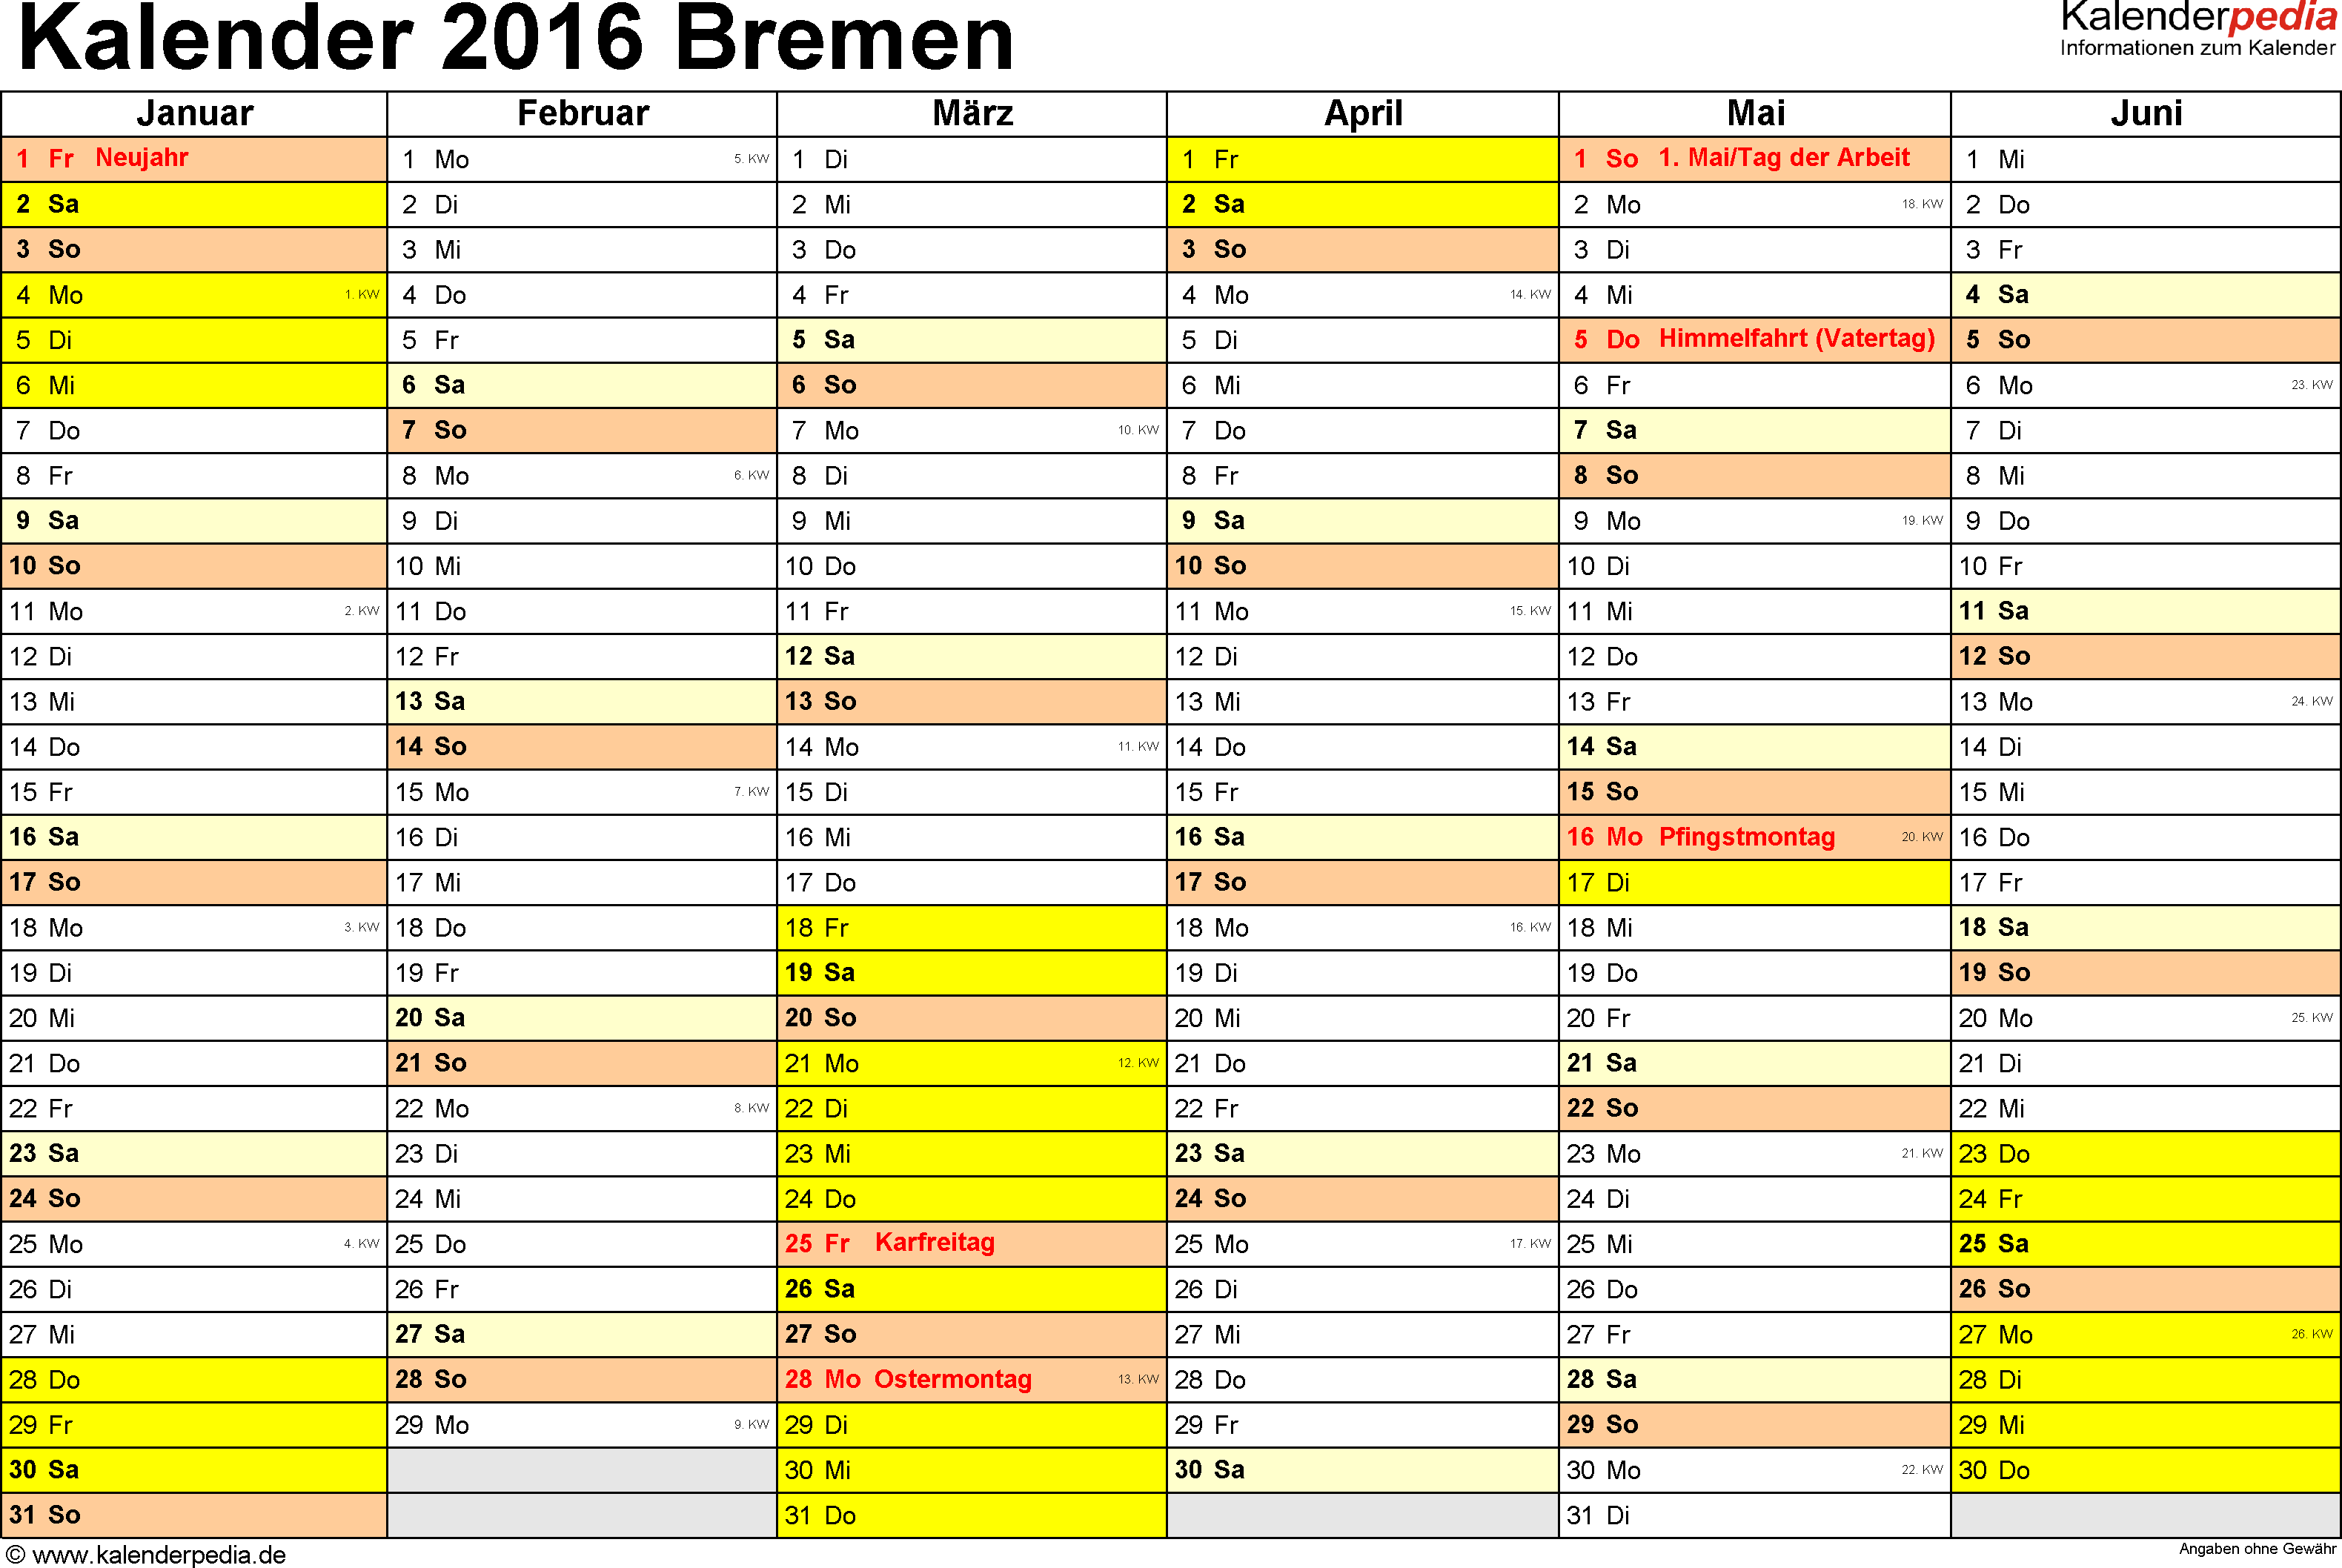 Vorlage 2: Kalender 2016 für Bremen als Word-Vorlage (Querformat, 2 Seiten)